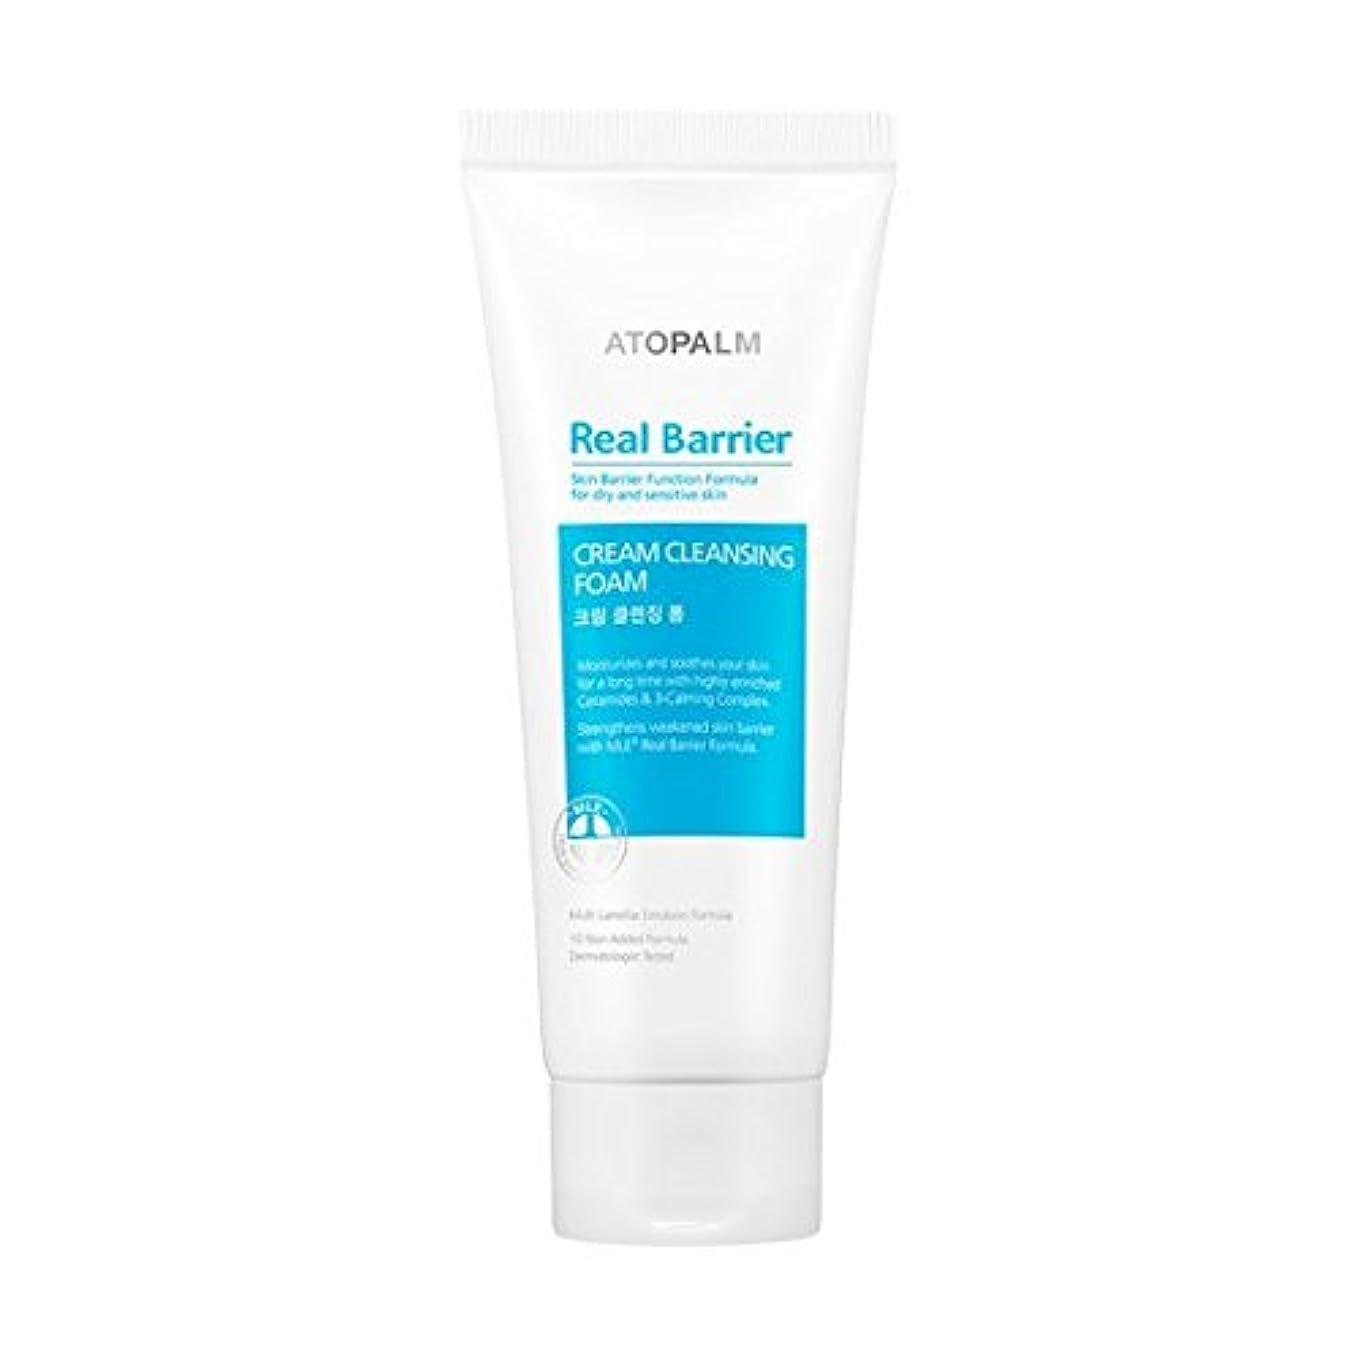 故国異形アドバンテージ[Atopalm (韓国コスメ アトパーム)] Real barrier cream cleansing foam (150g) リアルバリアクリームクレンジング?フォーム[並行輸入品][海外直送品]